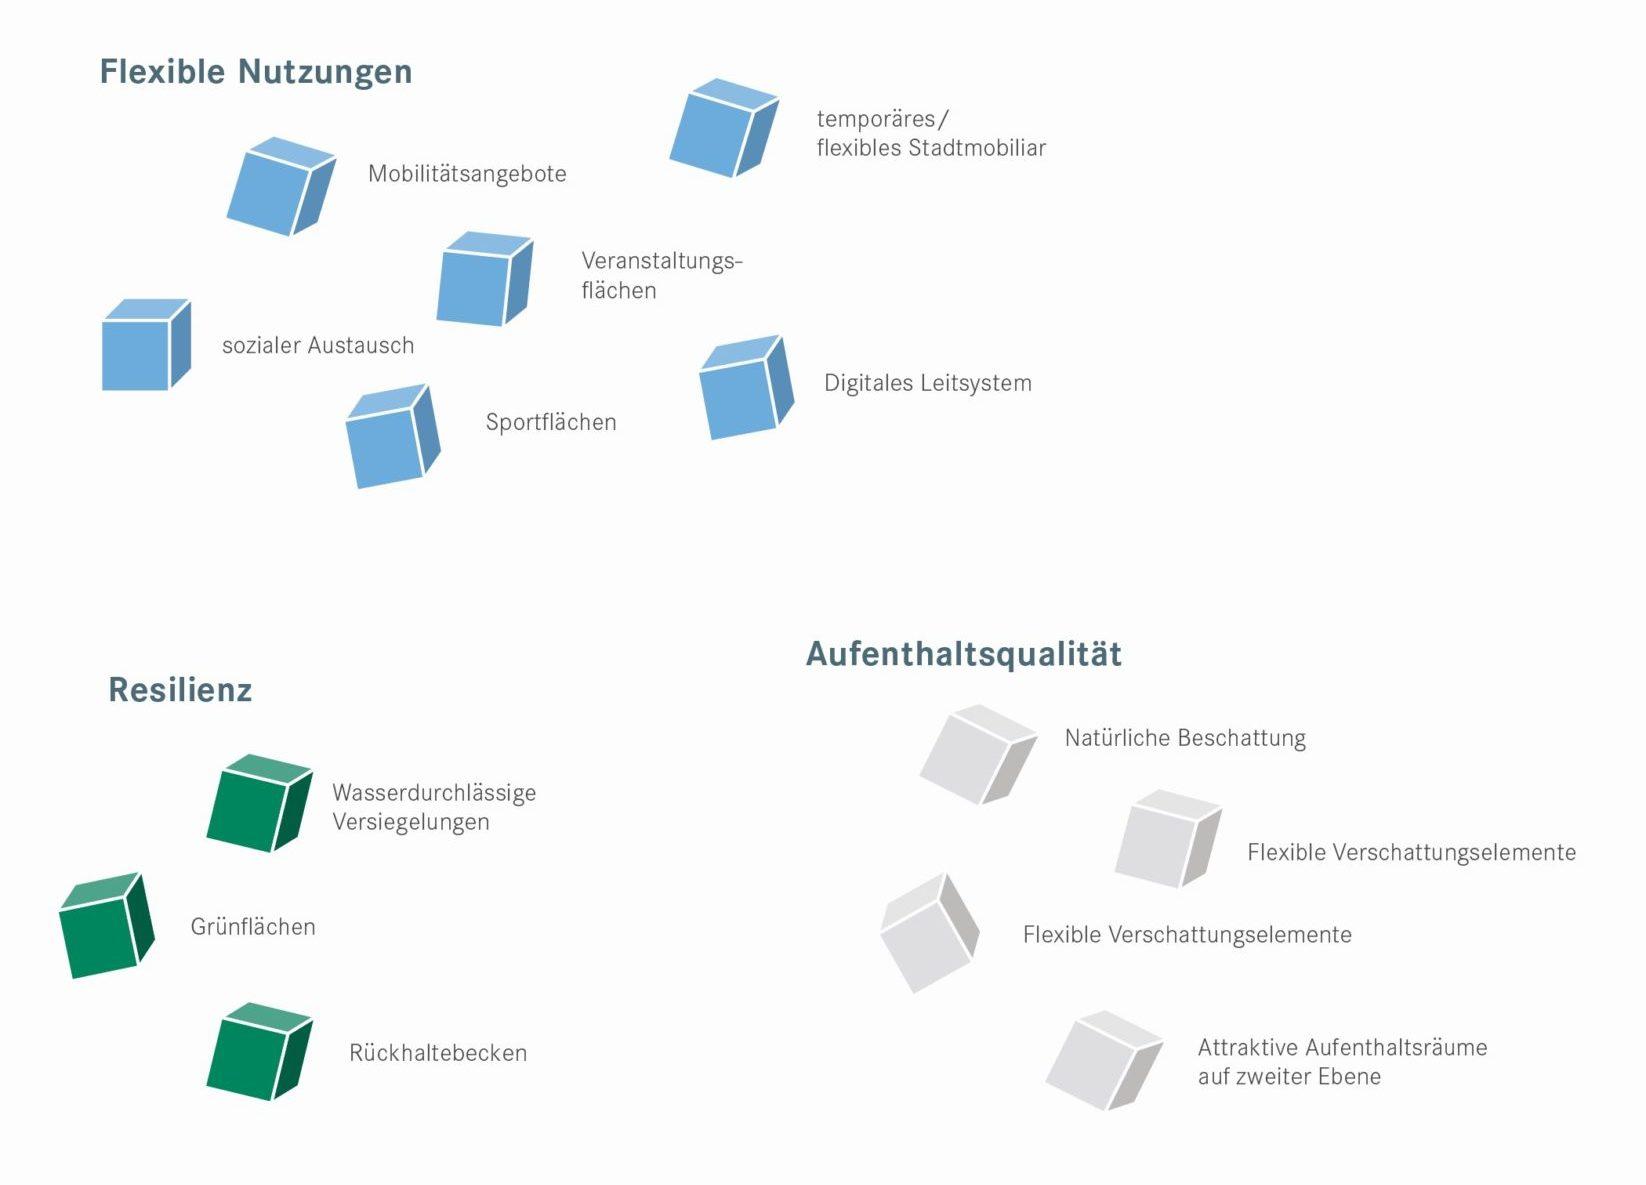 Dieses Bild gibt einen Überblick über alle Funktionen und Eigenschaften, die im Anwendungsfall adaptiver öffentlicher Raum berücksichtigt werden.